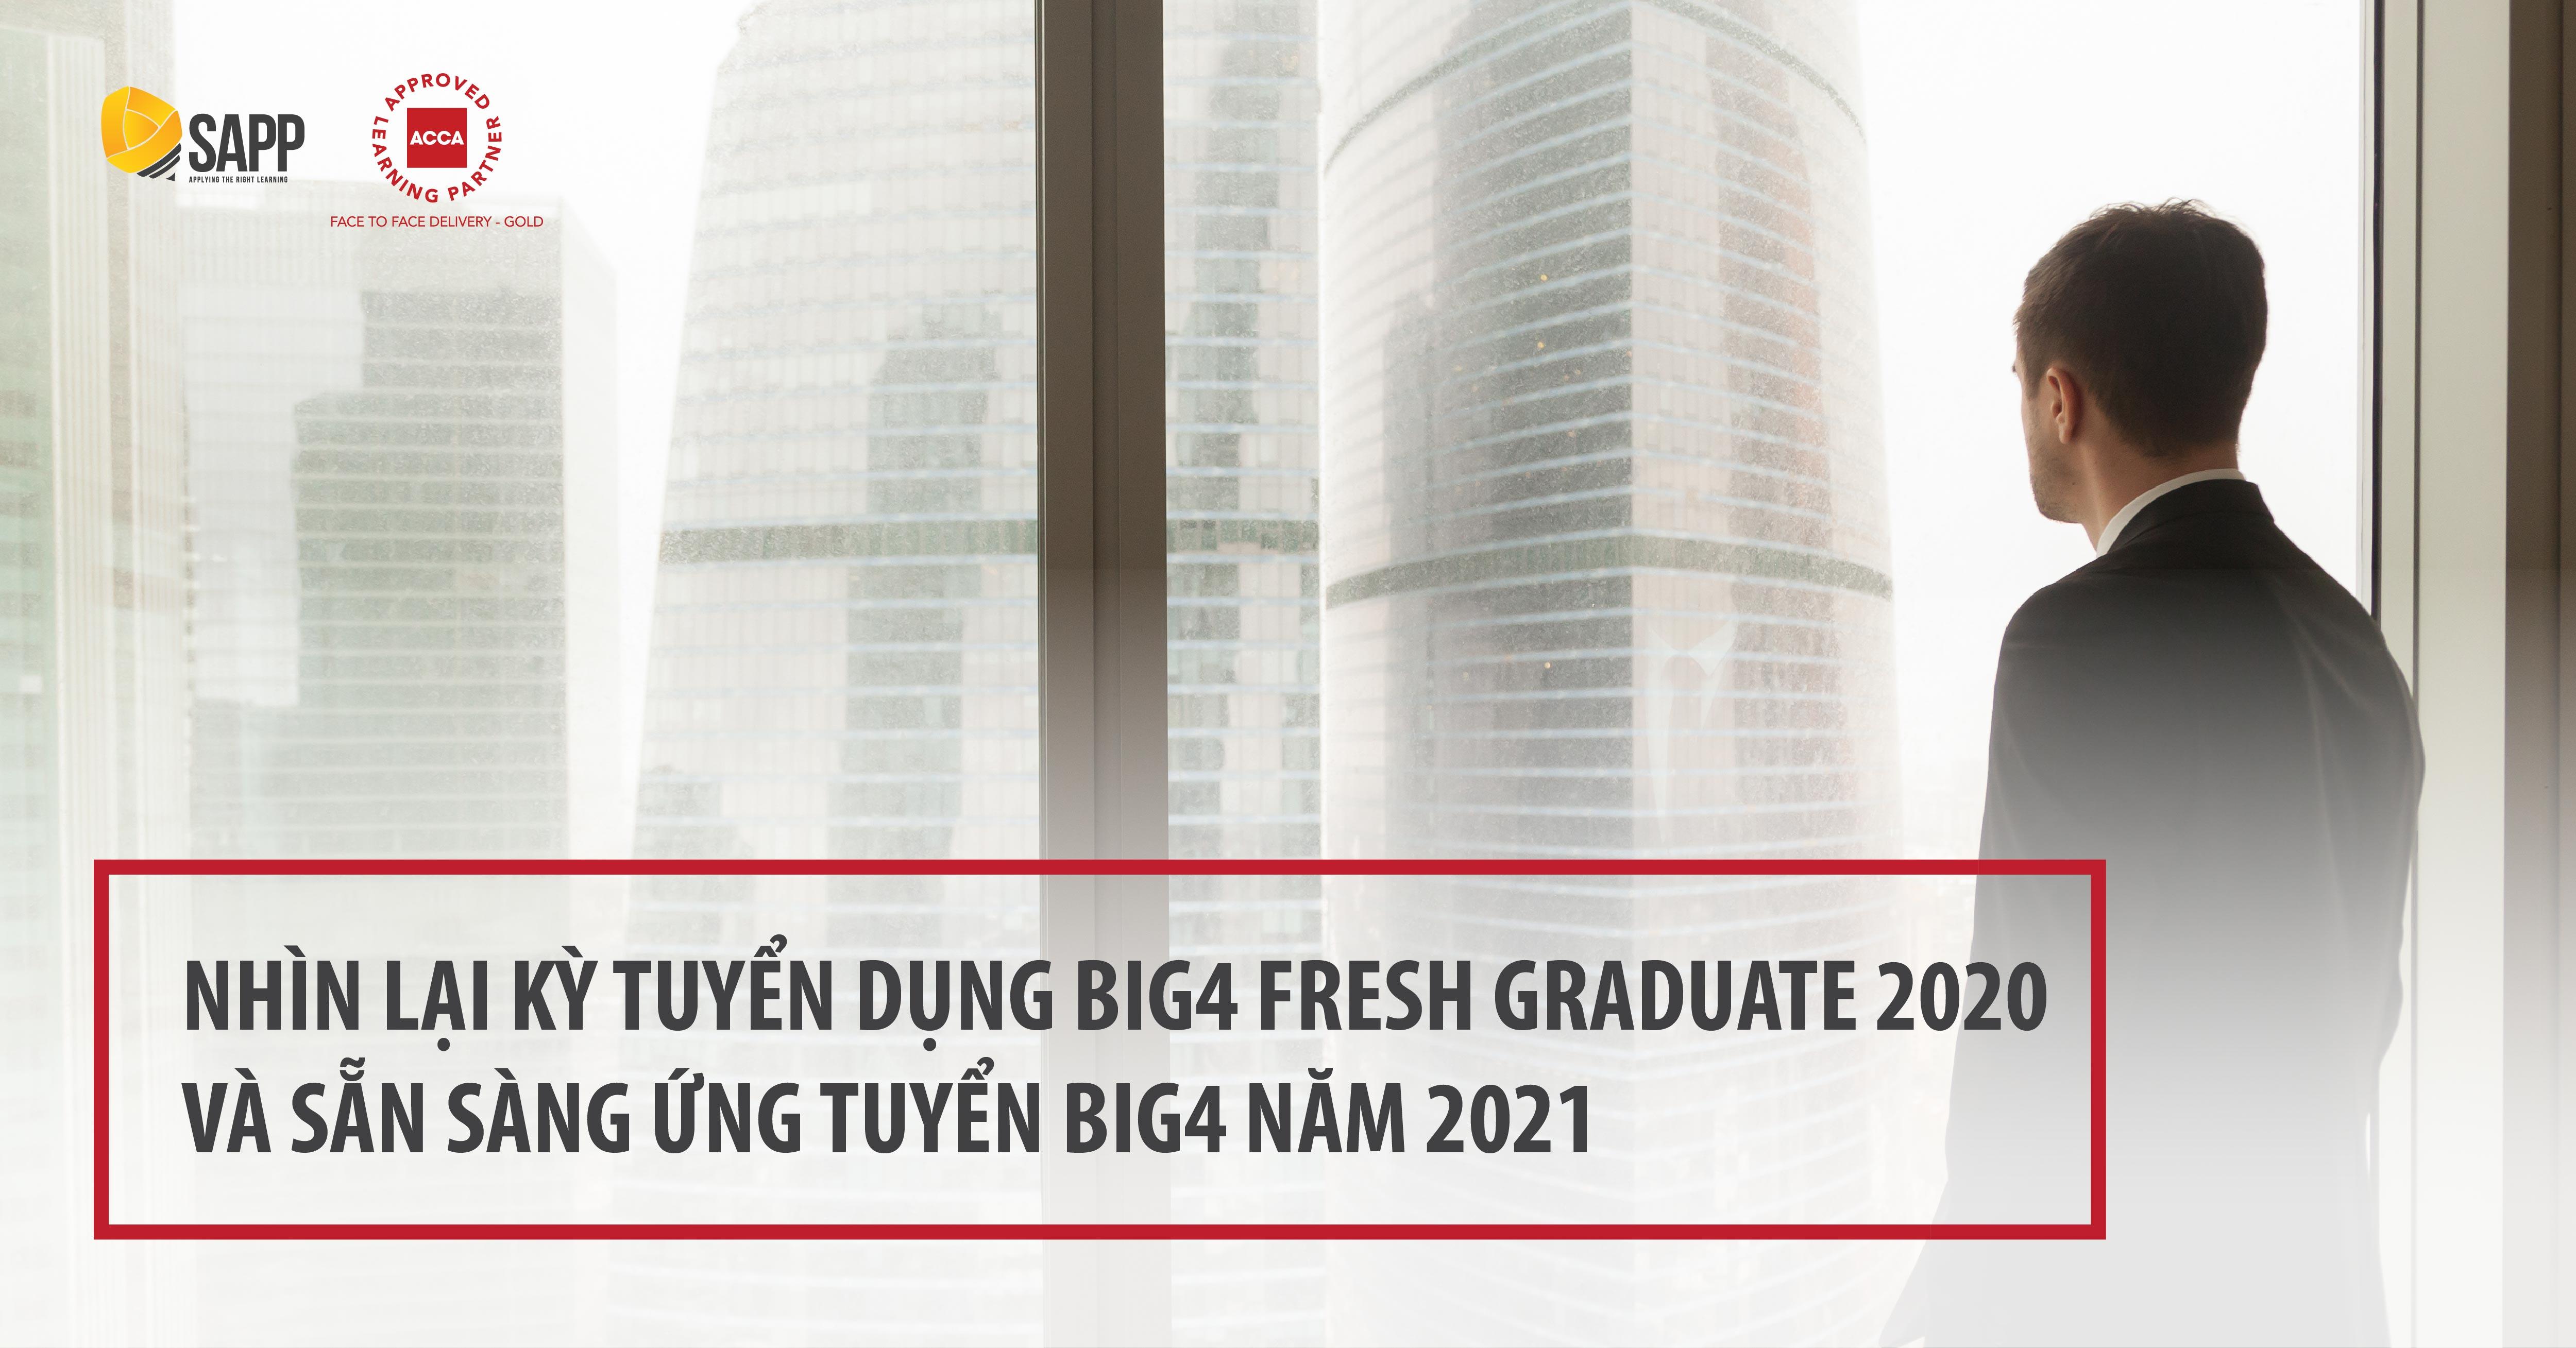 Nhìn lại kỳ tuyển dụng BIG4 Fresh Graduate 2020 và sẵn sàng ứng tuyển BIG4 năm 2021